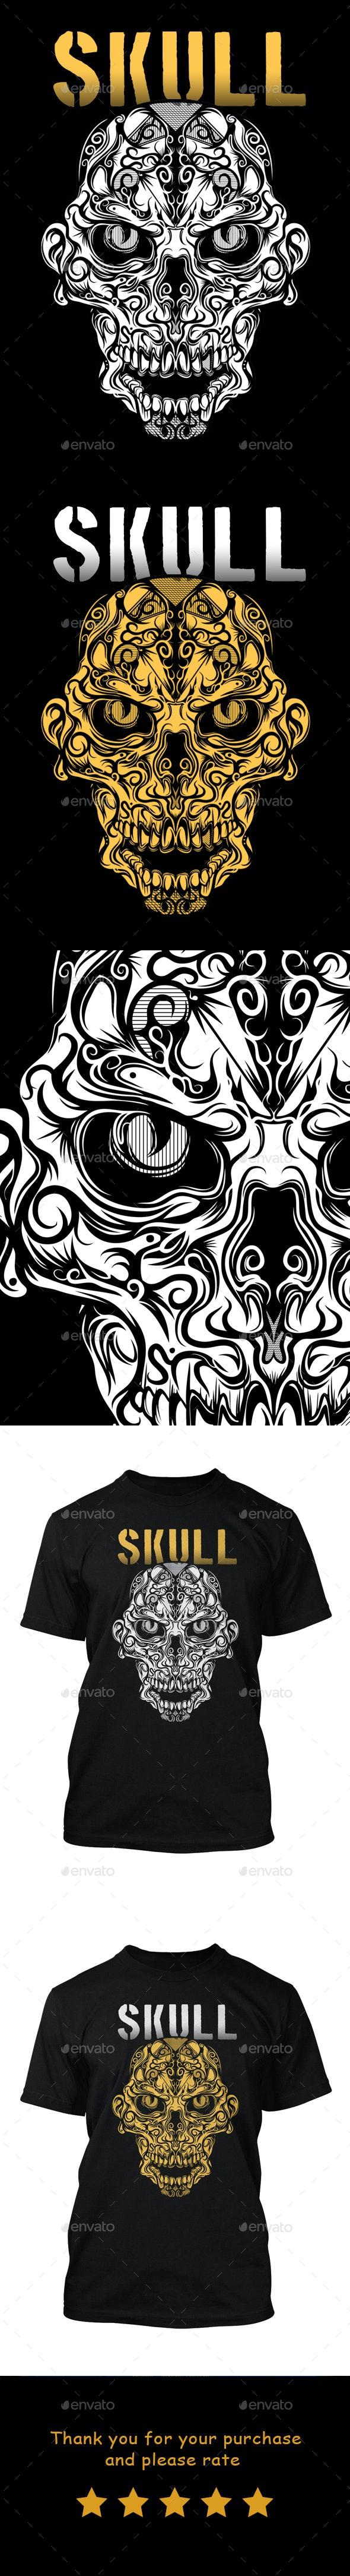 Ethnic Skull 2 - T-Shirts